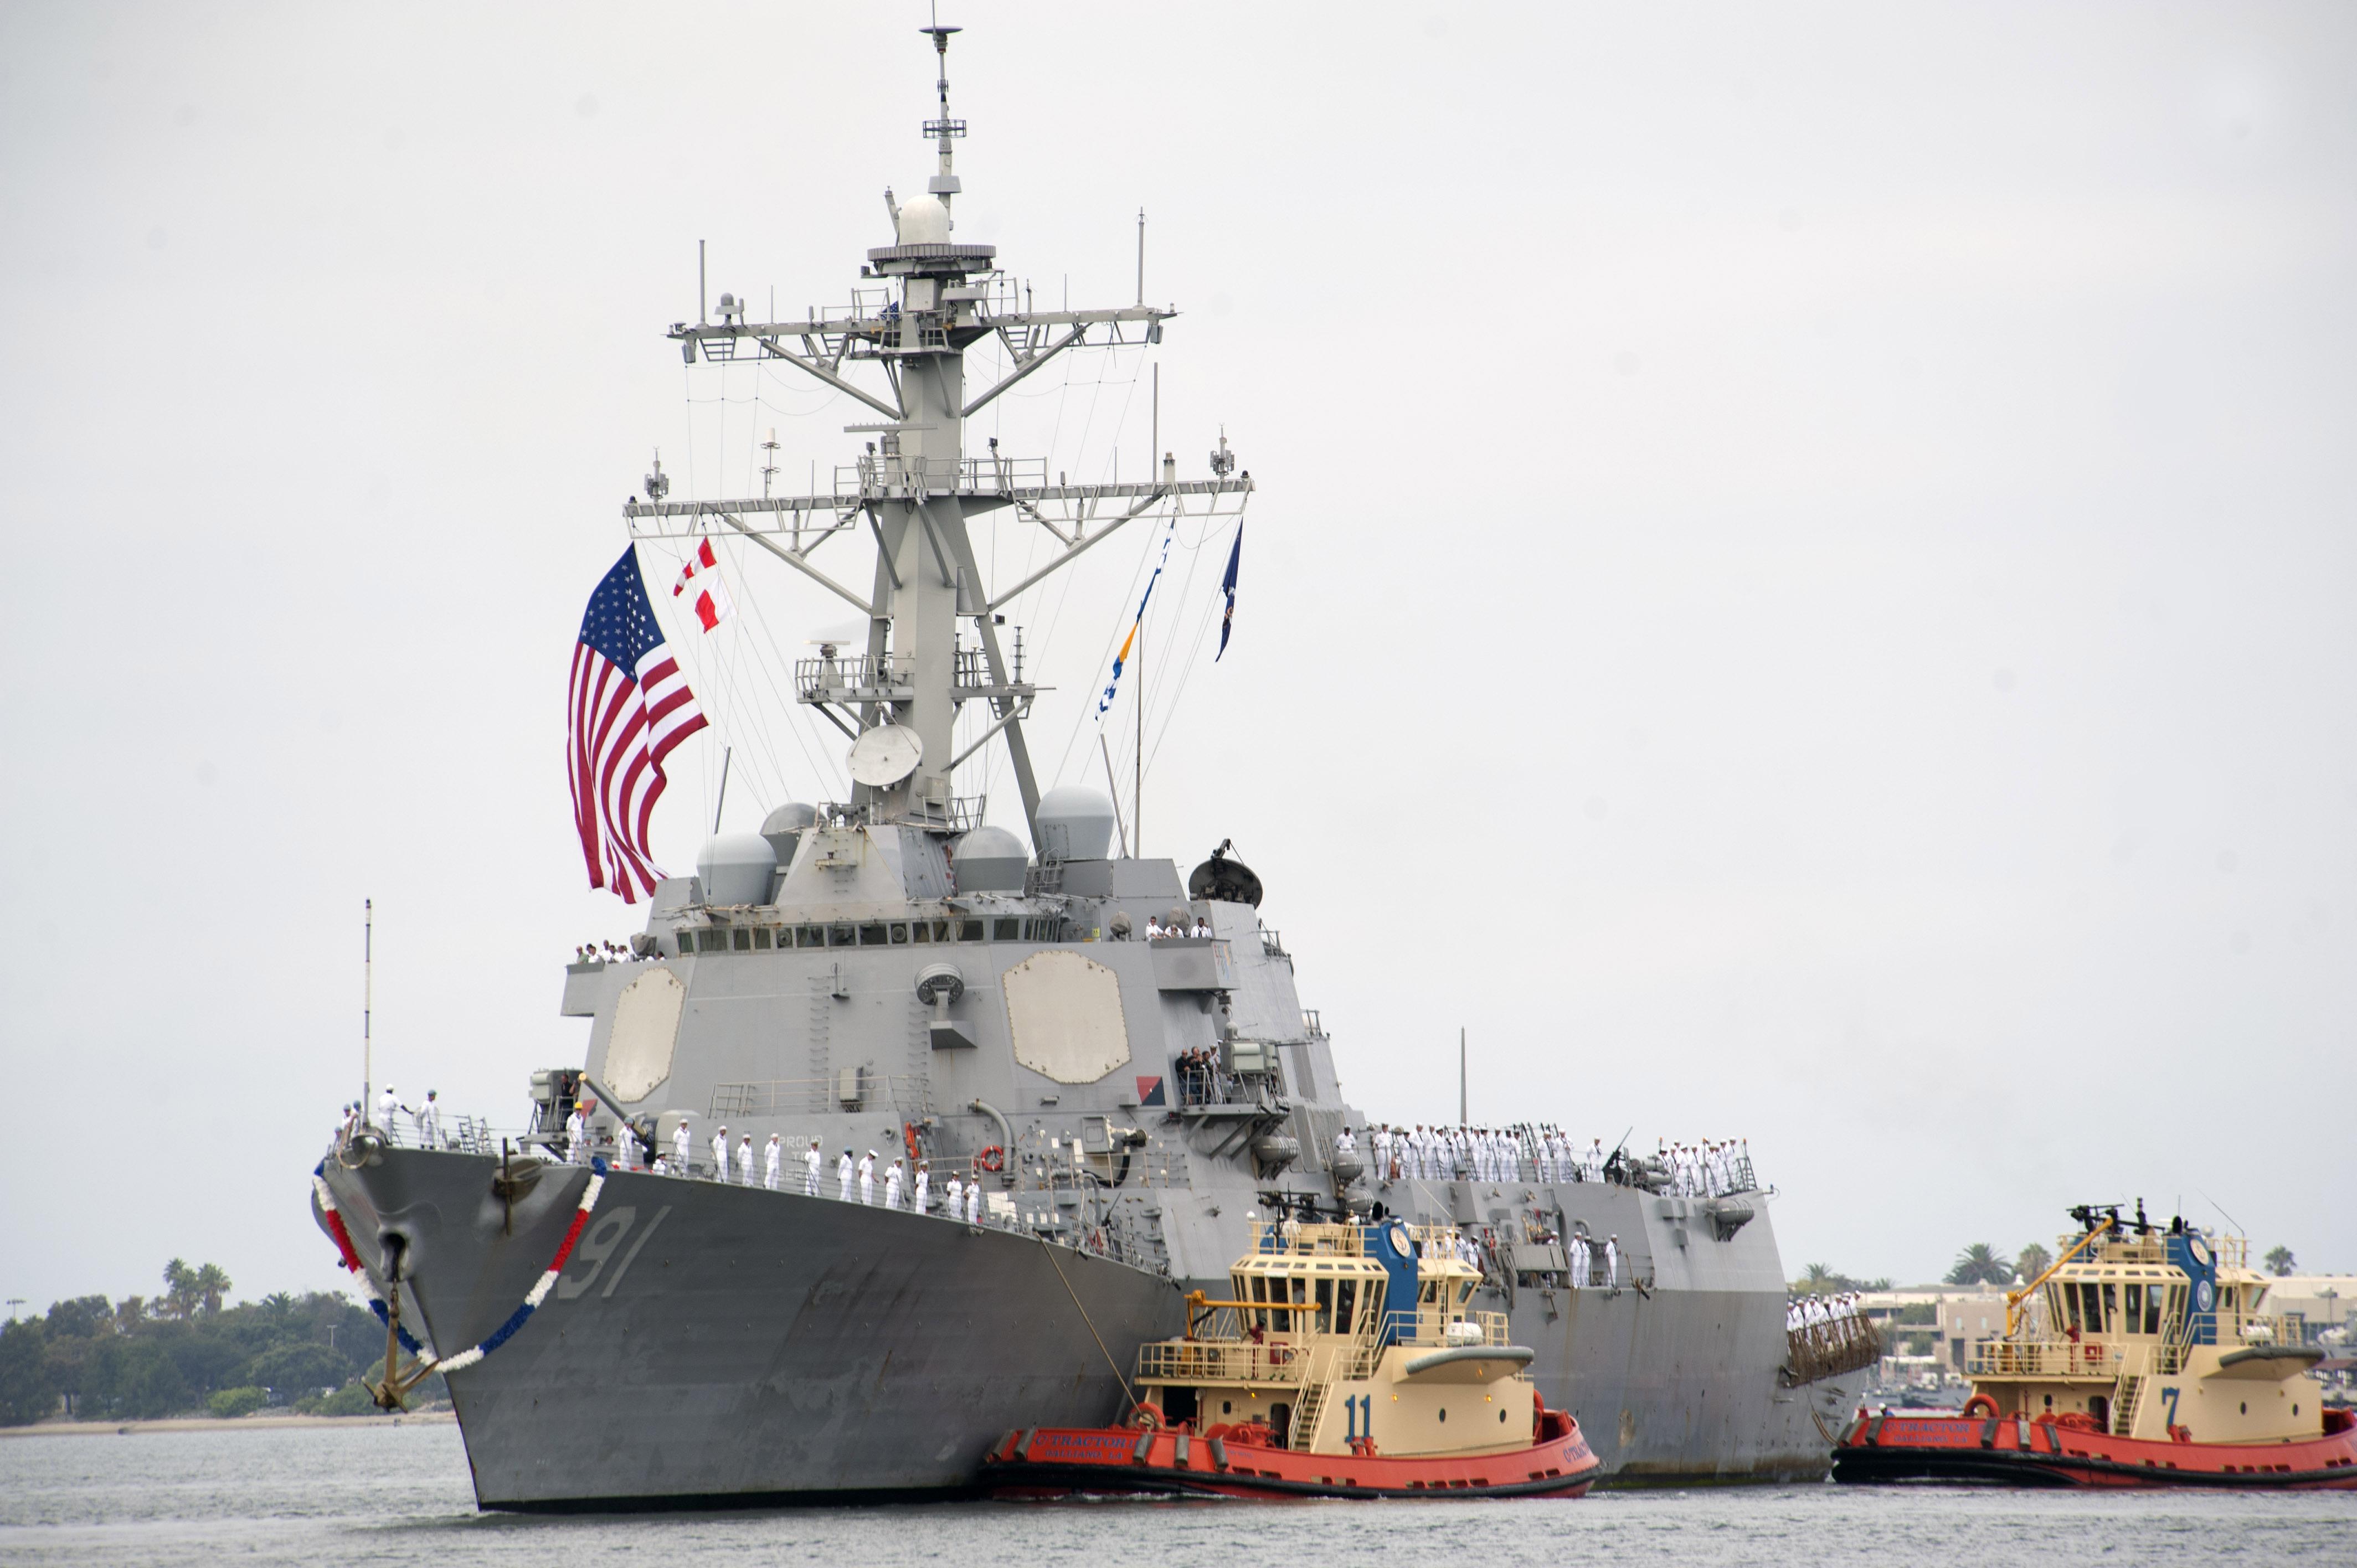 USS PINCKNEY DDG-91 Einlaufen San Diego am 21.08.2014 Bild: U.S. Navy